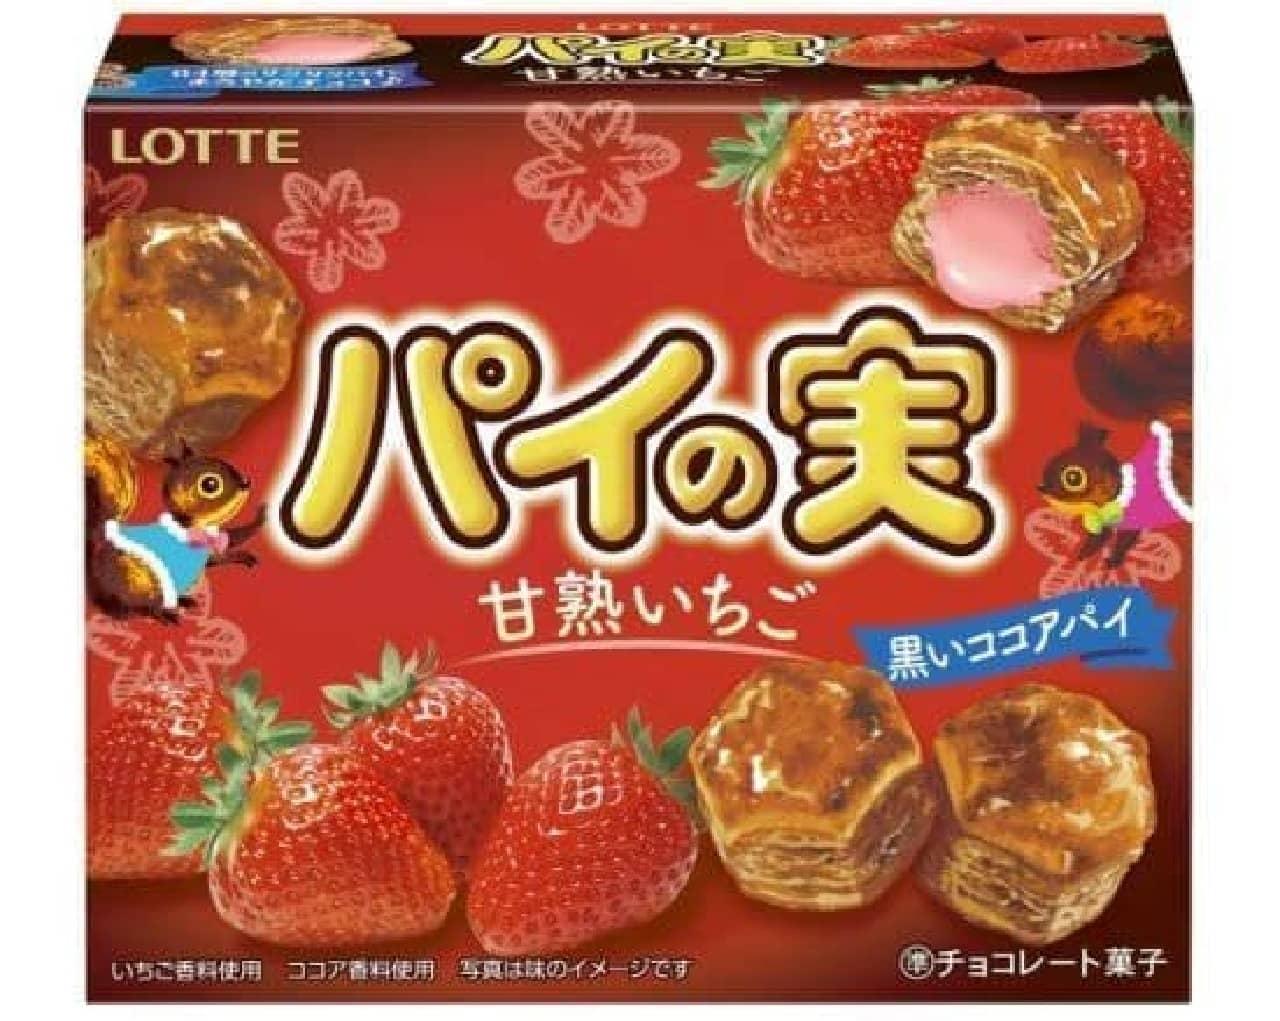 ロッテ「パイの実<甘熟いちご>」